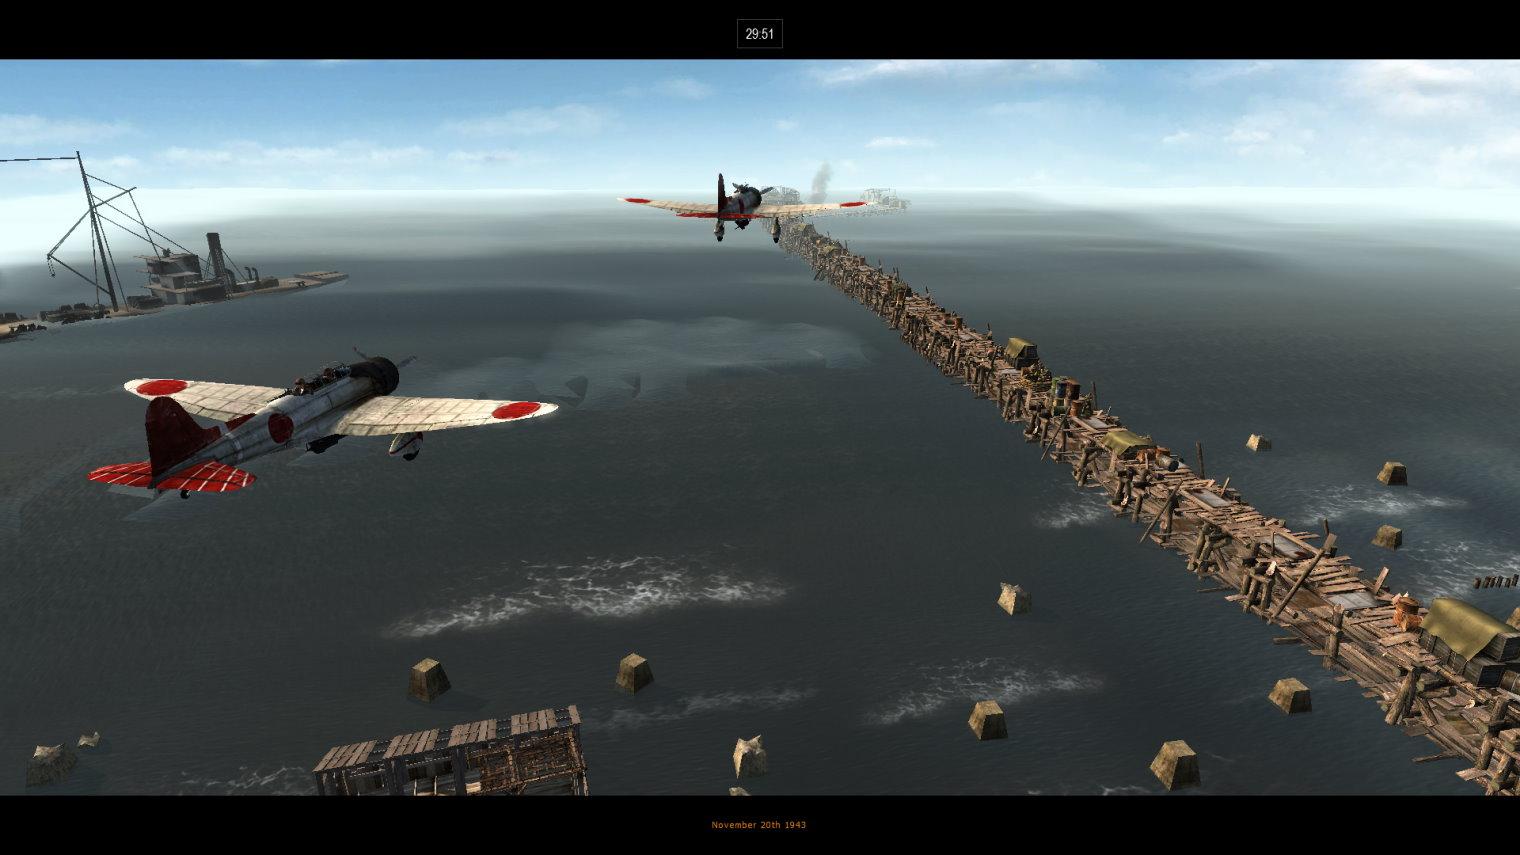 Tarawa Atoll (November 1943)